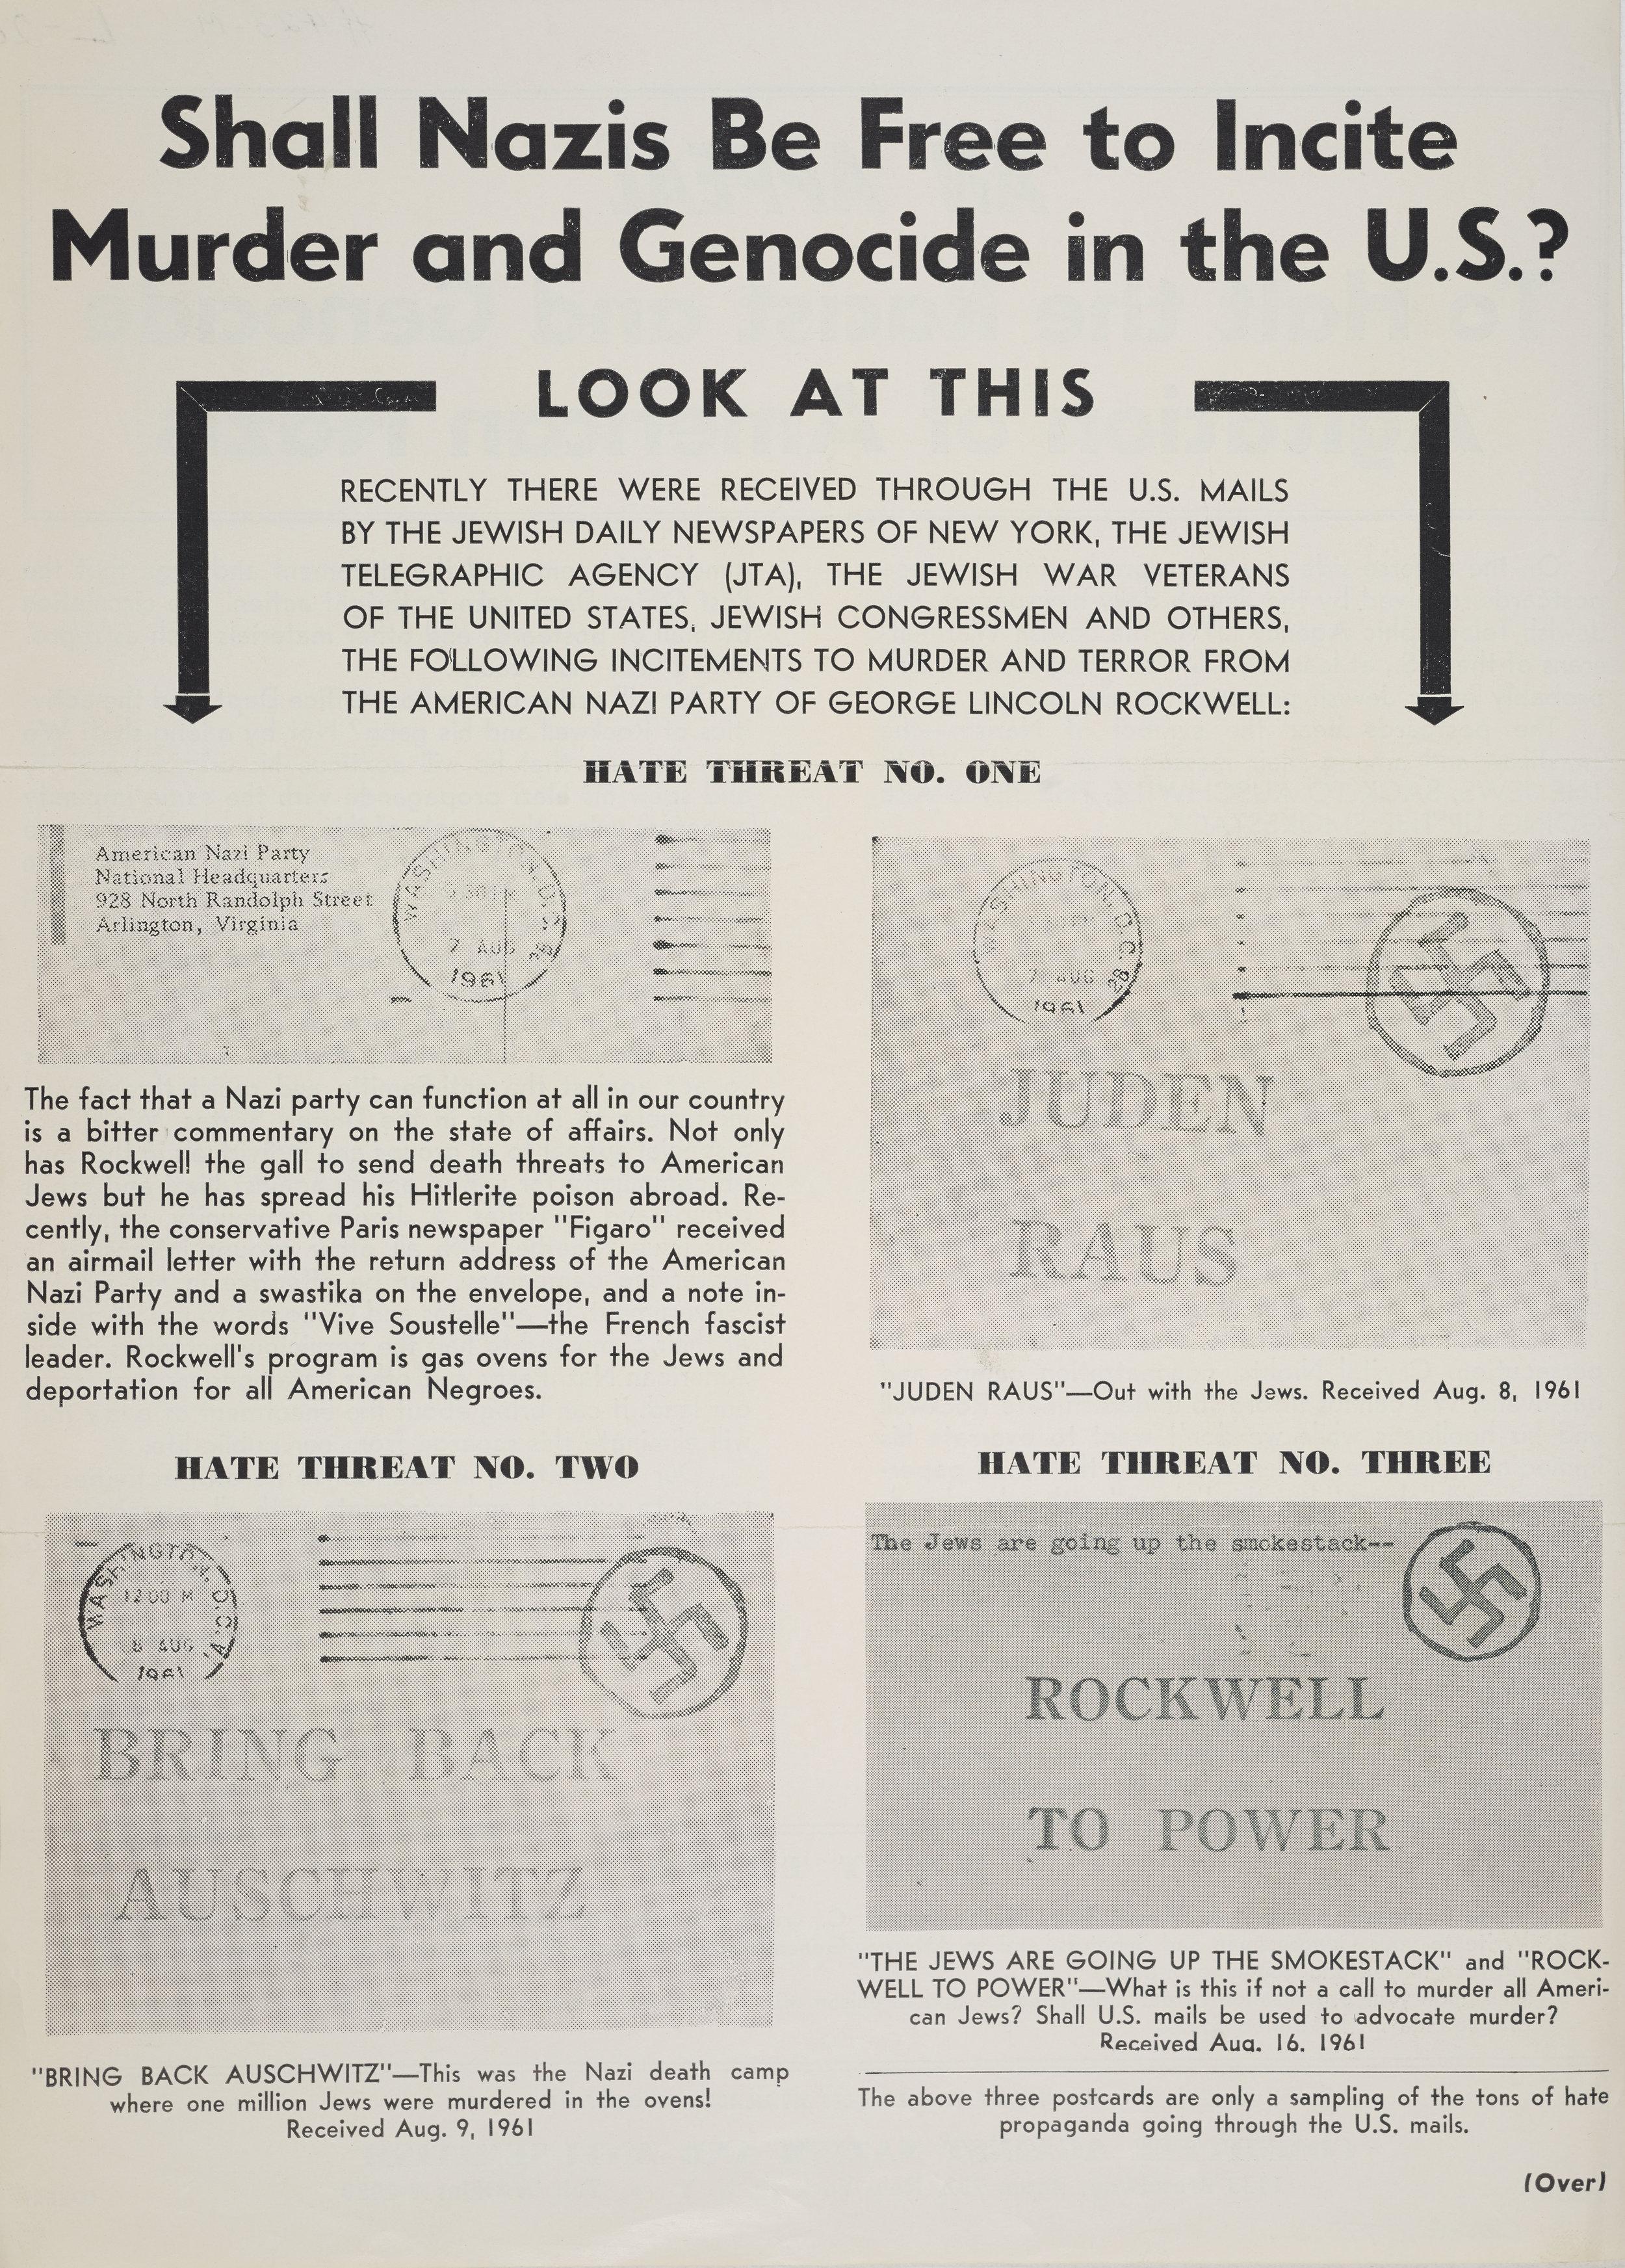 Anti-Nazi advertisement, 1961